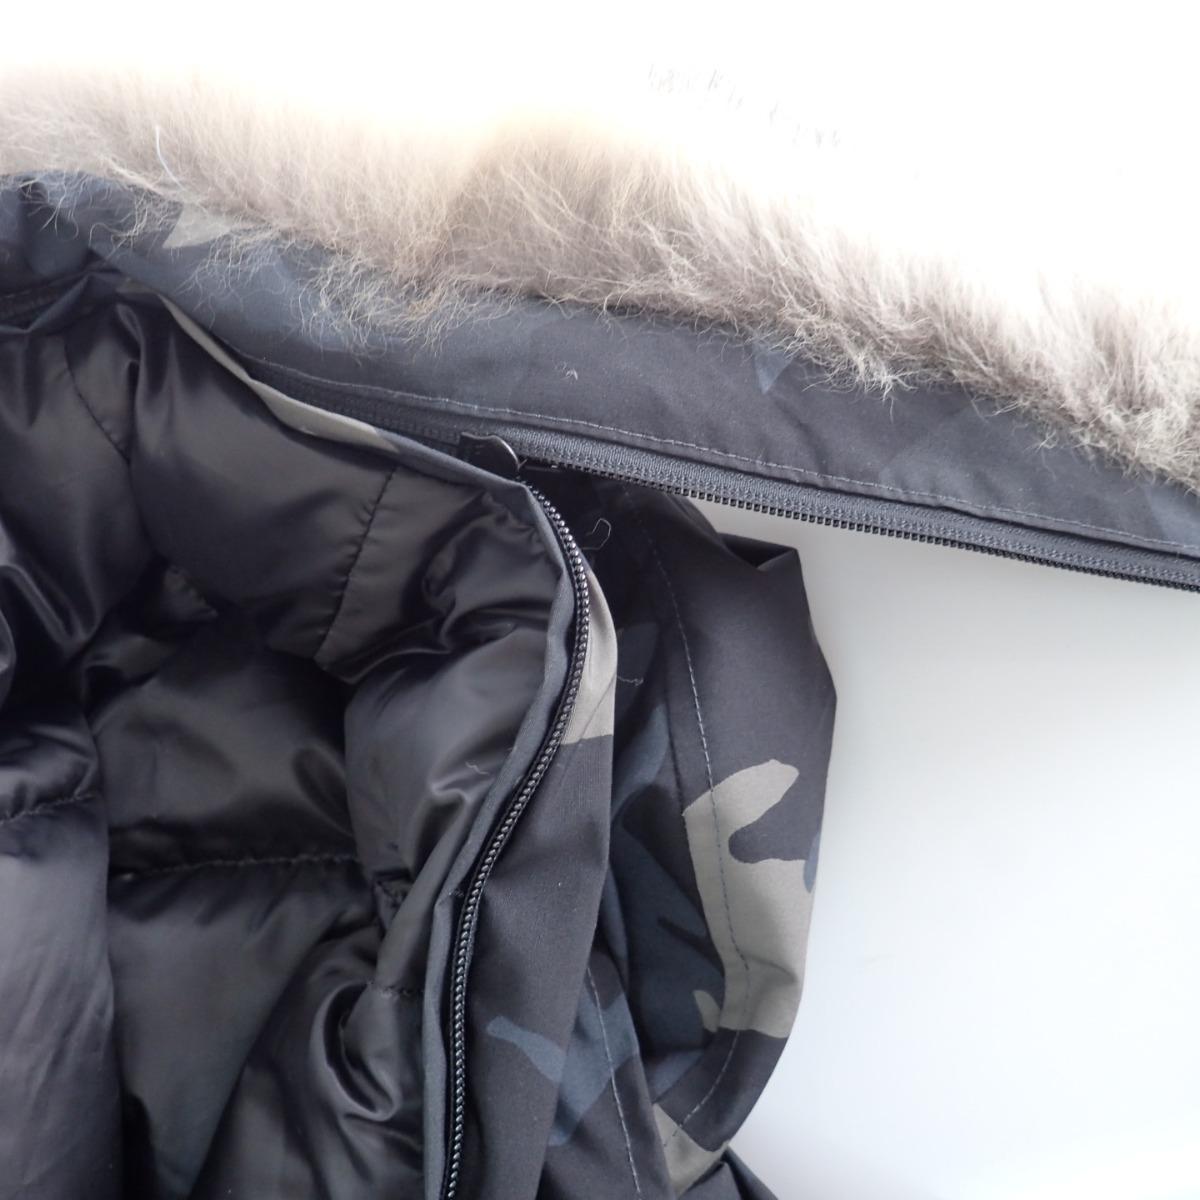 CANADA GOOSEカナダグース 美品 国内正規 株 サザビーリーグ 3426MB BLACK LABELブラックラベル CHATEAU PARKAシャトーパーカー 迷彩柄 ファー付フーディダウンジャケットL G ブラッククラシックカモ メンズ54RcLq3jA